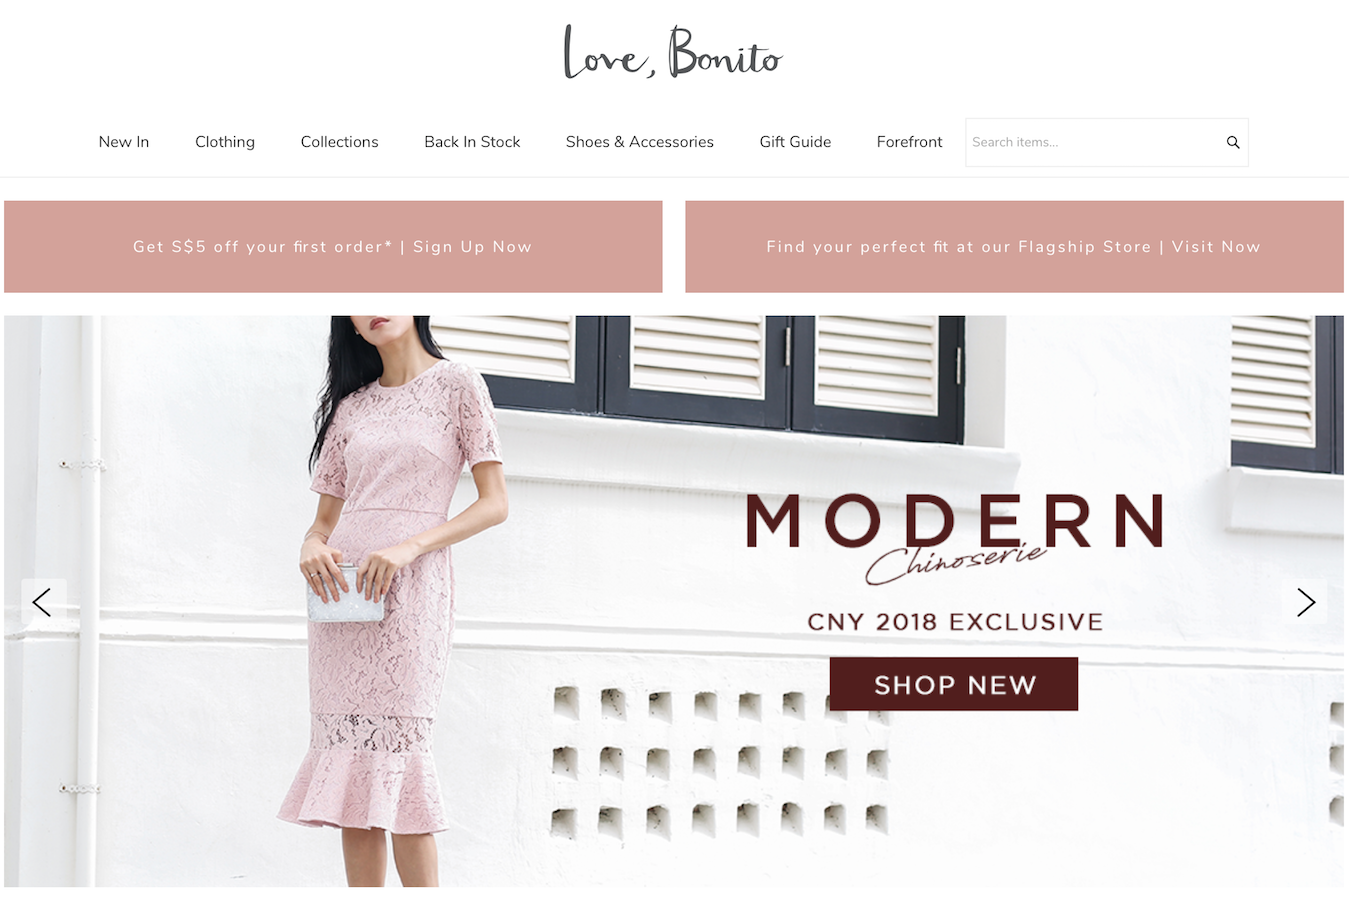 新加坡互联网女装品牌 Love, Bonito 完成1300万美元B轮融资,日本比价网站Kakaku.com母公司领投